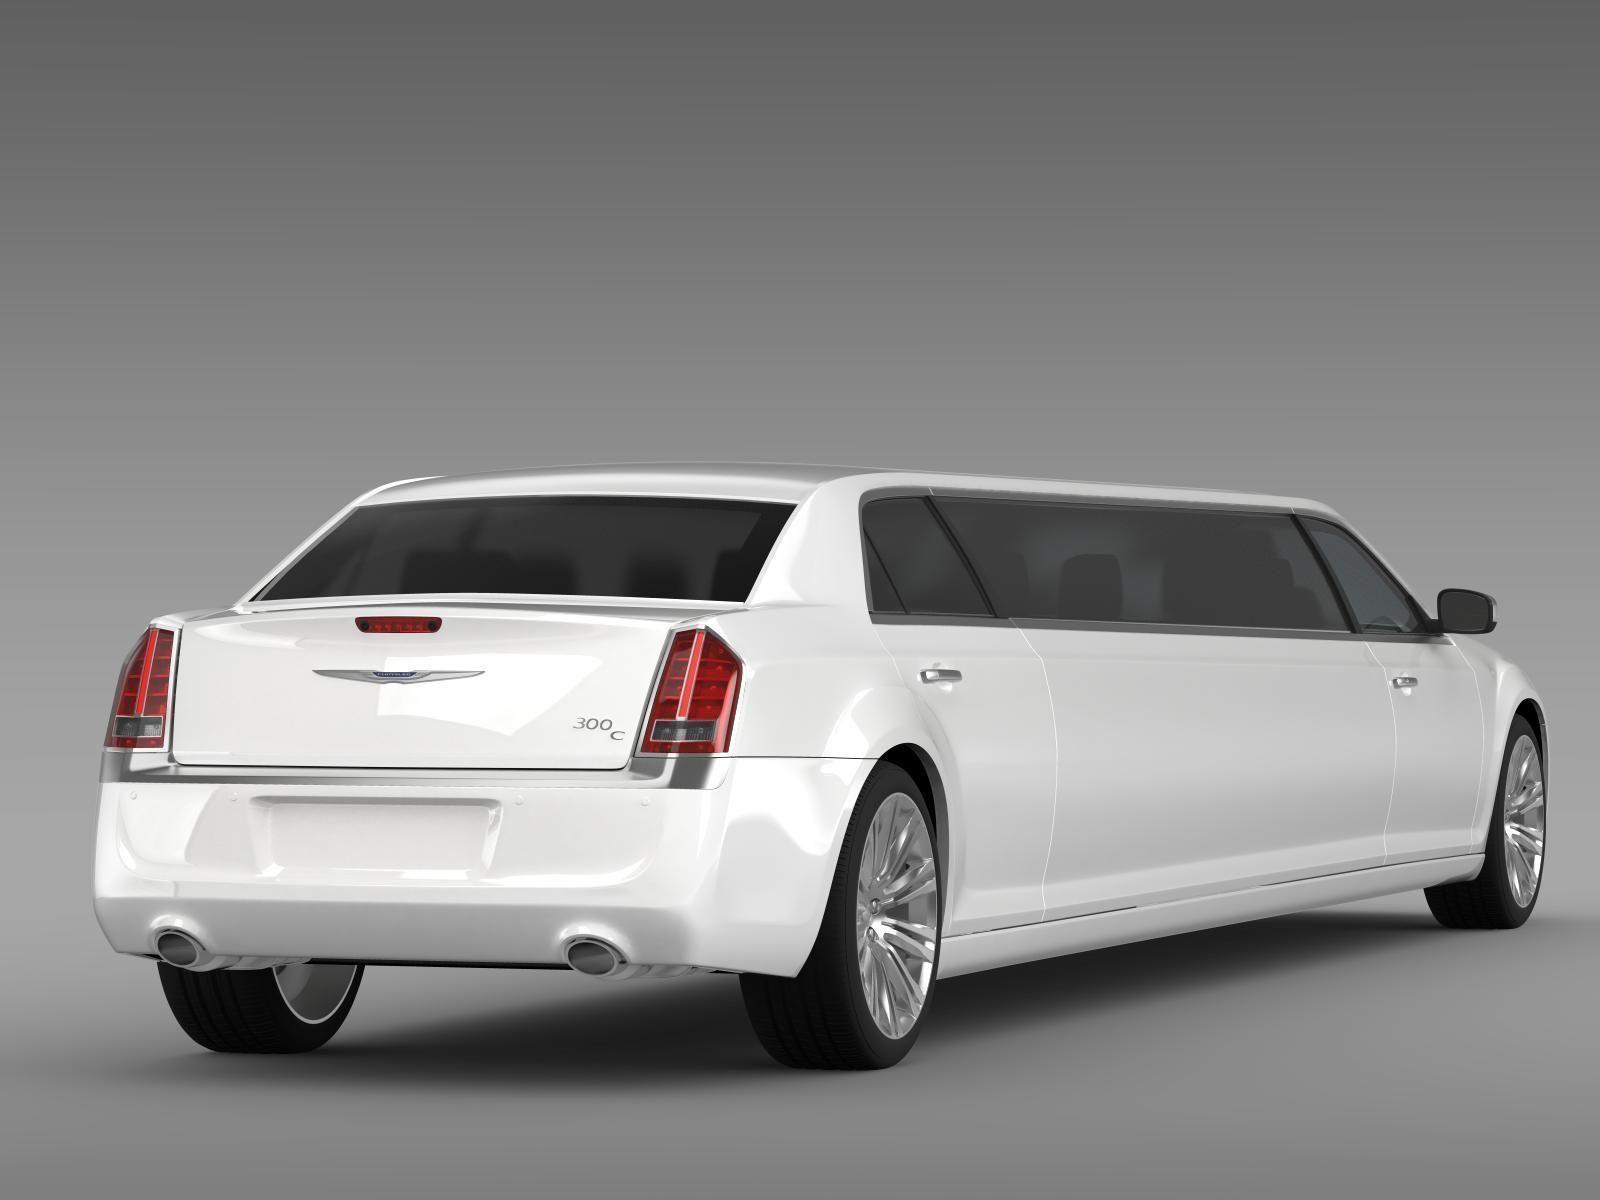 chrysler 300c 2013 limousine 3d model max obj 3ds fbx c4d lwo lw lws. Black Bedroom Furniture Sets. Home Design Ideas